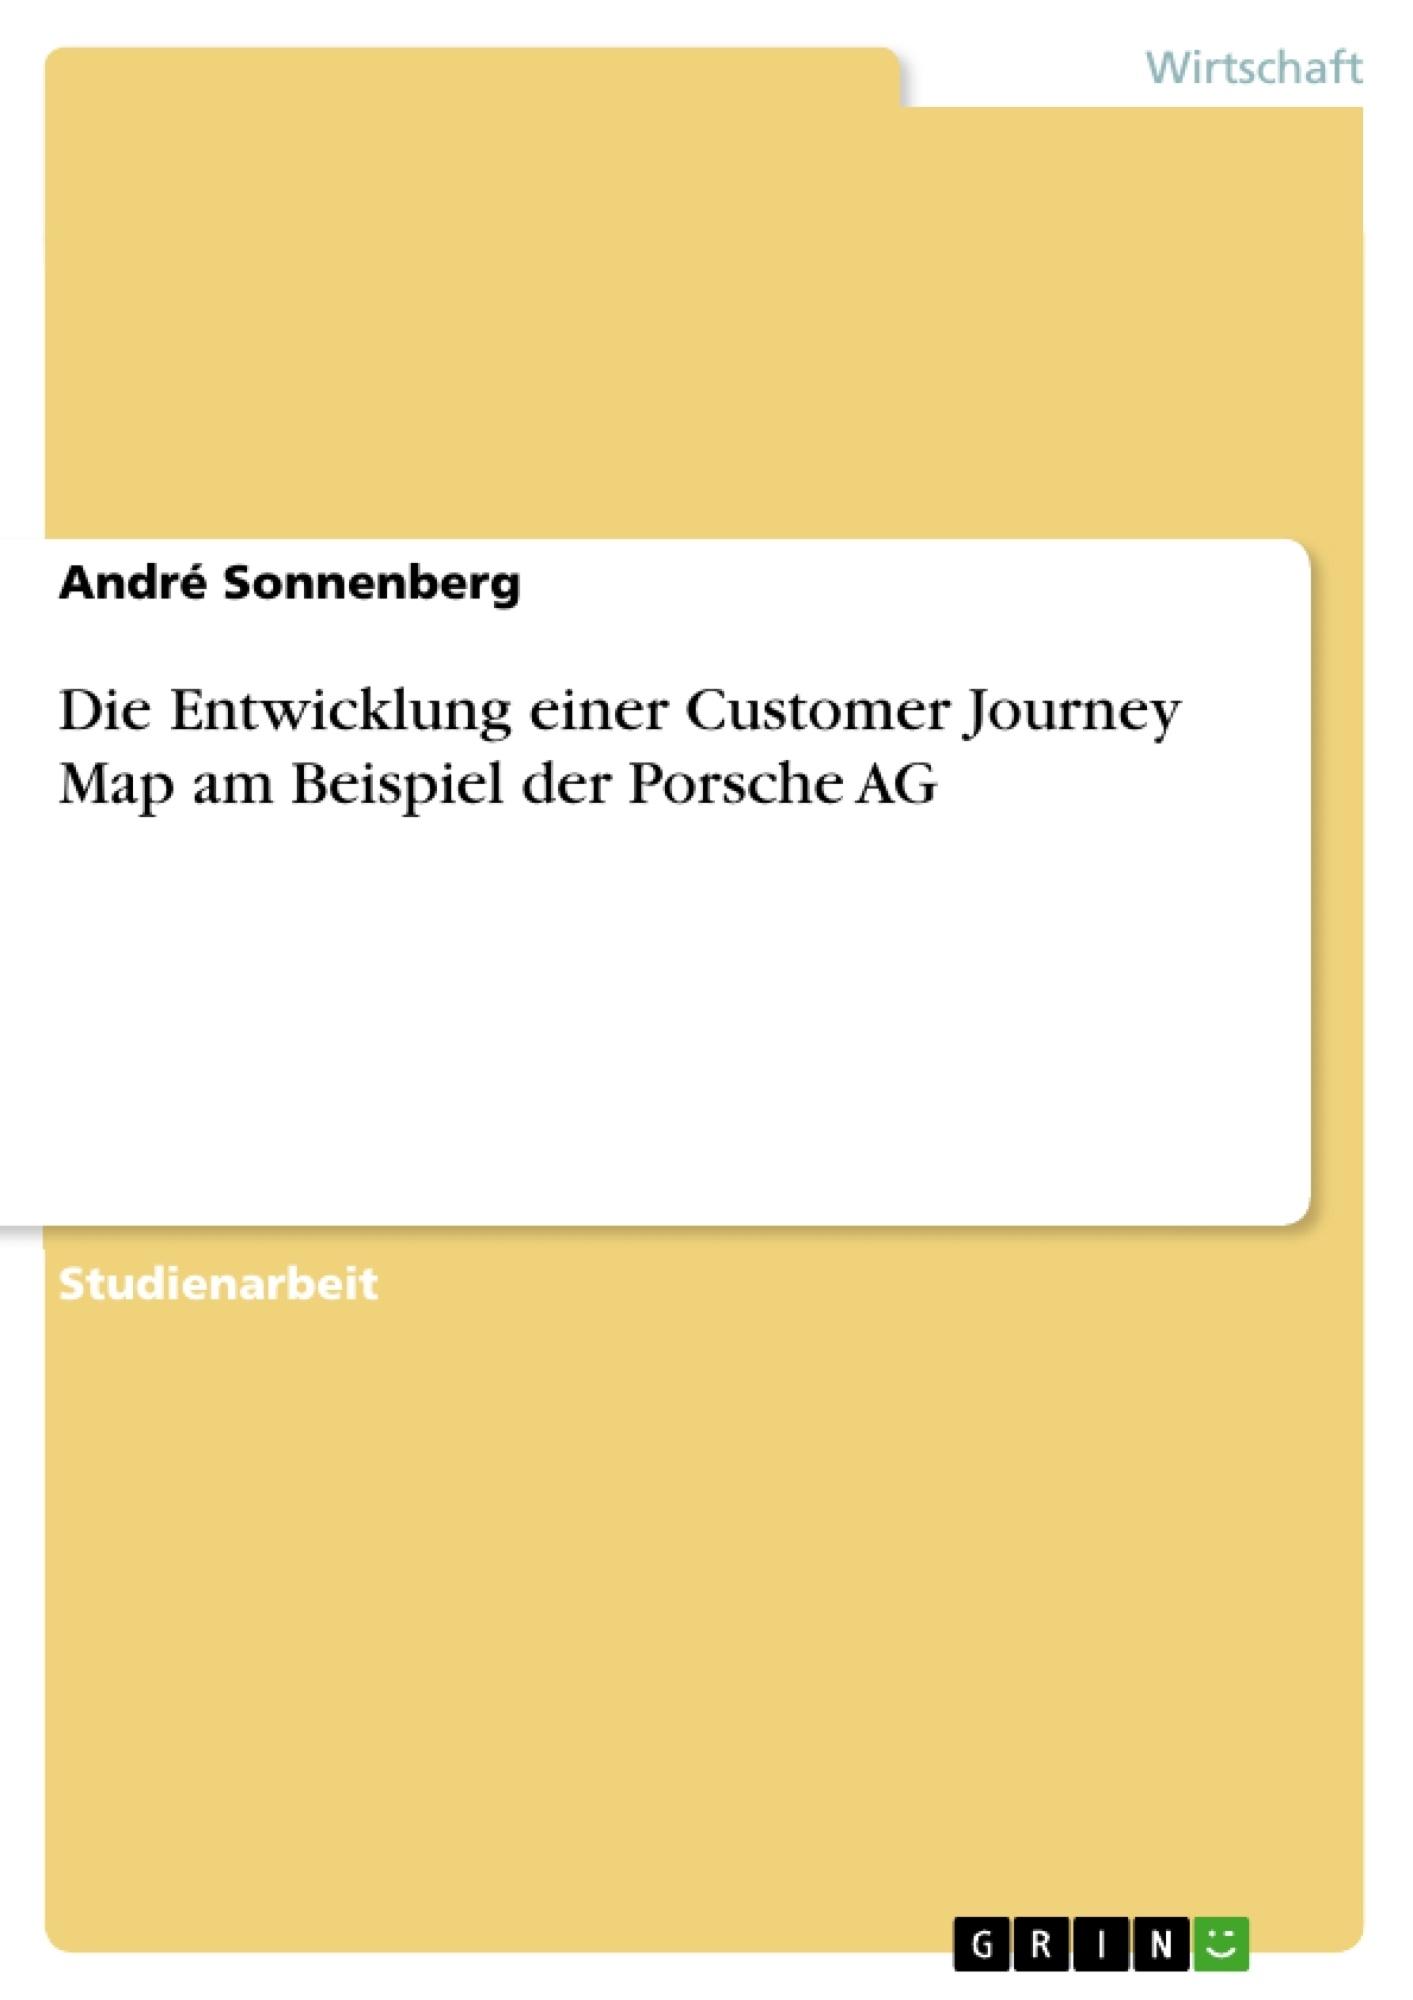 Titel: Die Entwicklung einer Customer Journey Map am Beispiel der Porsche AG